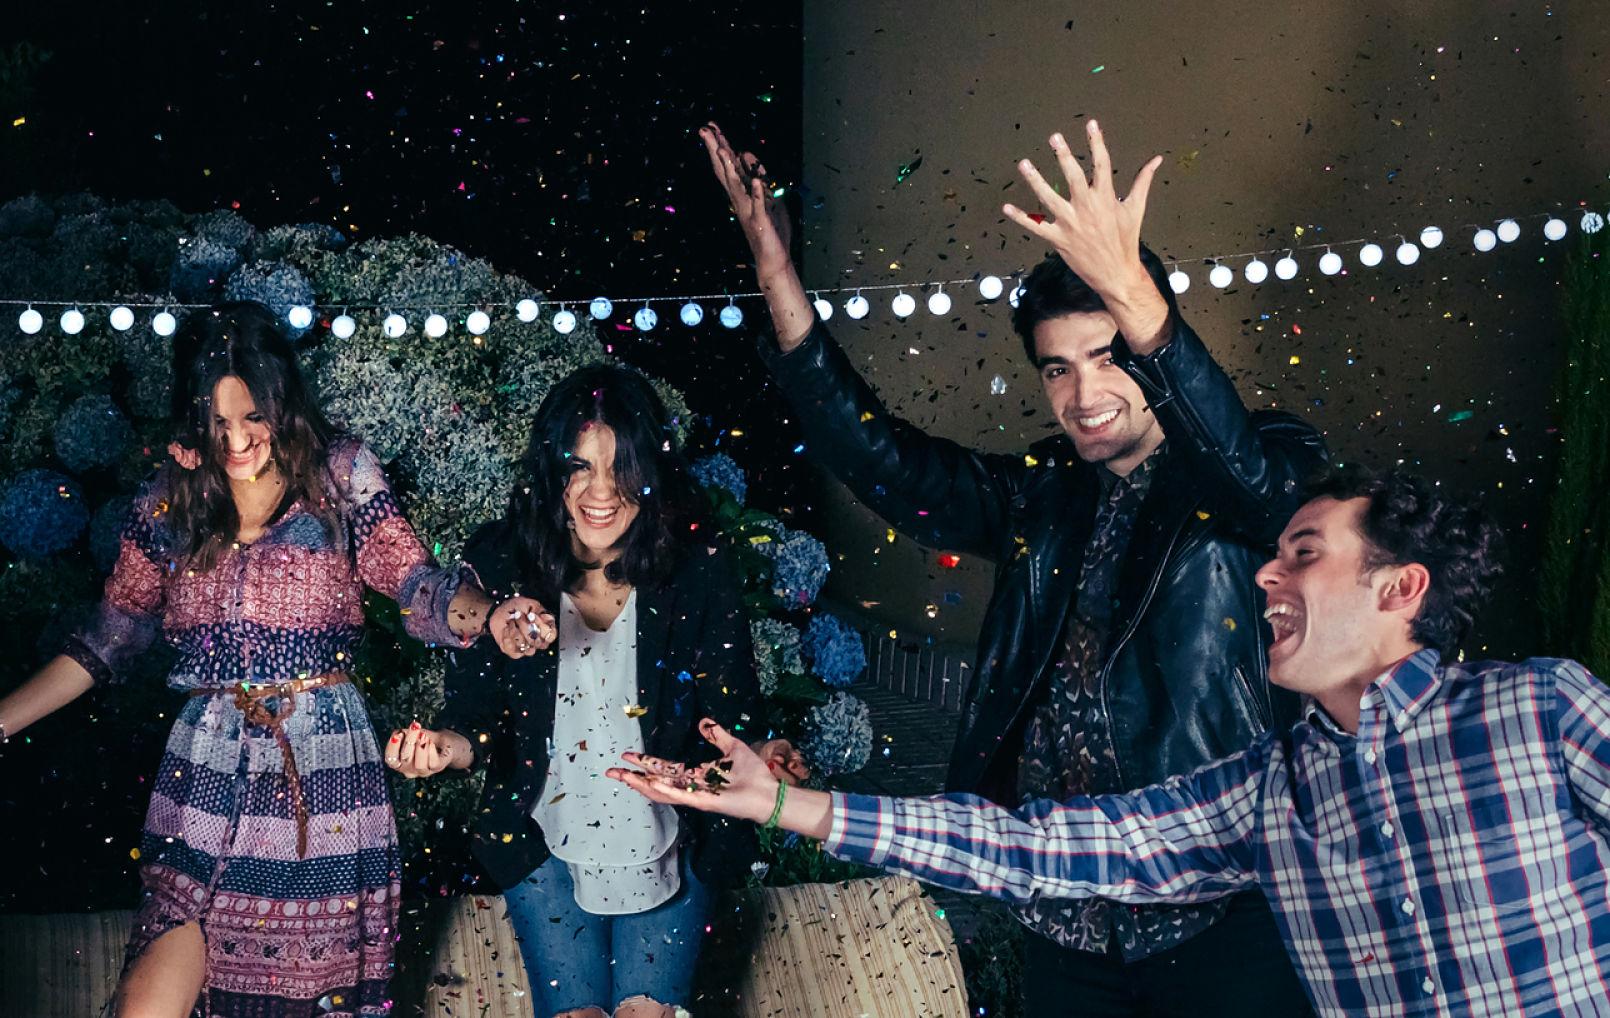 millennial-fiesta-navidad-confeti-jovenes-juventud